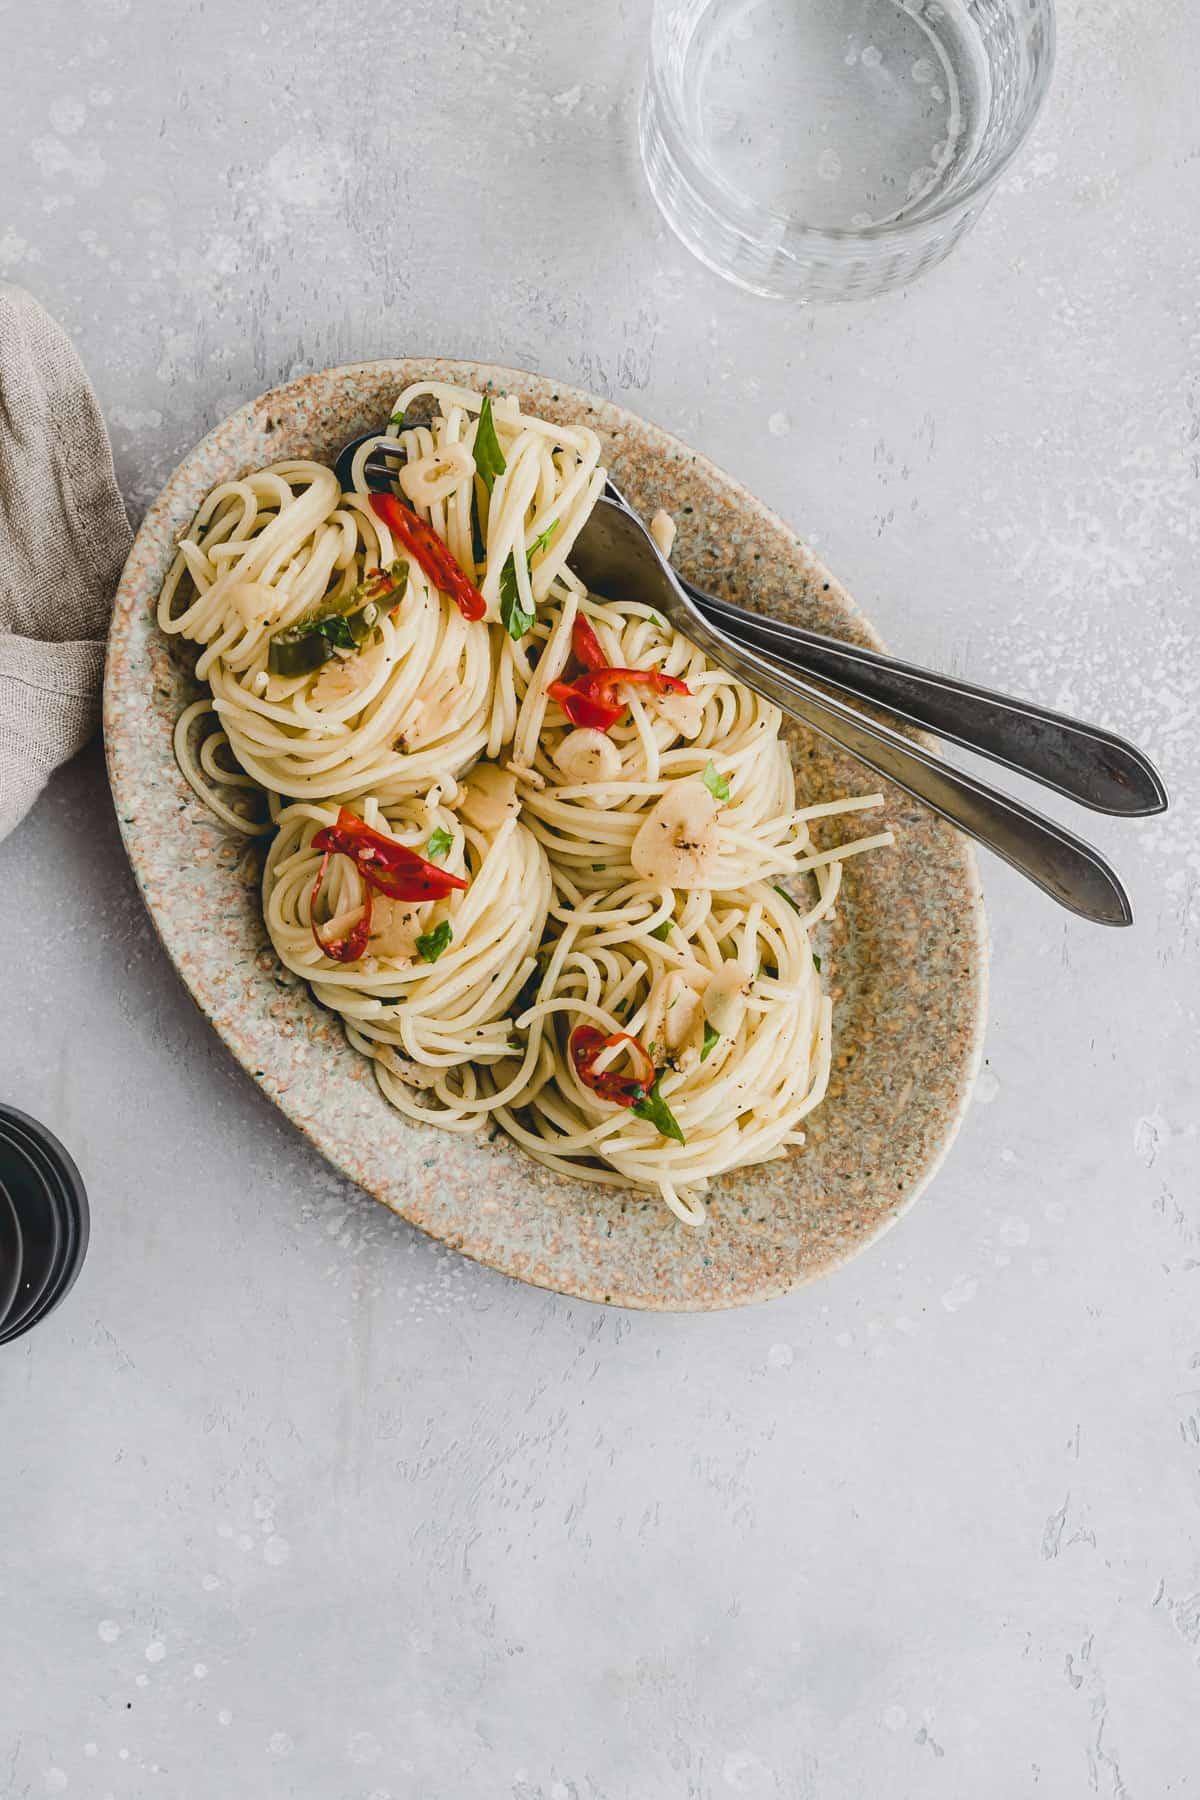 spaghetti aglio e olio on a brown plate with cutlery